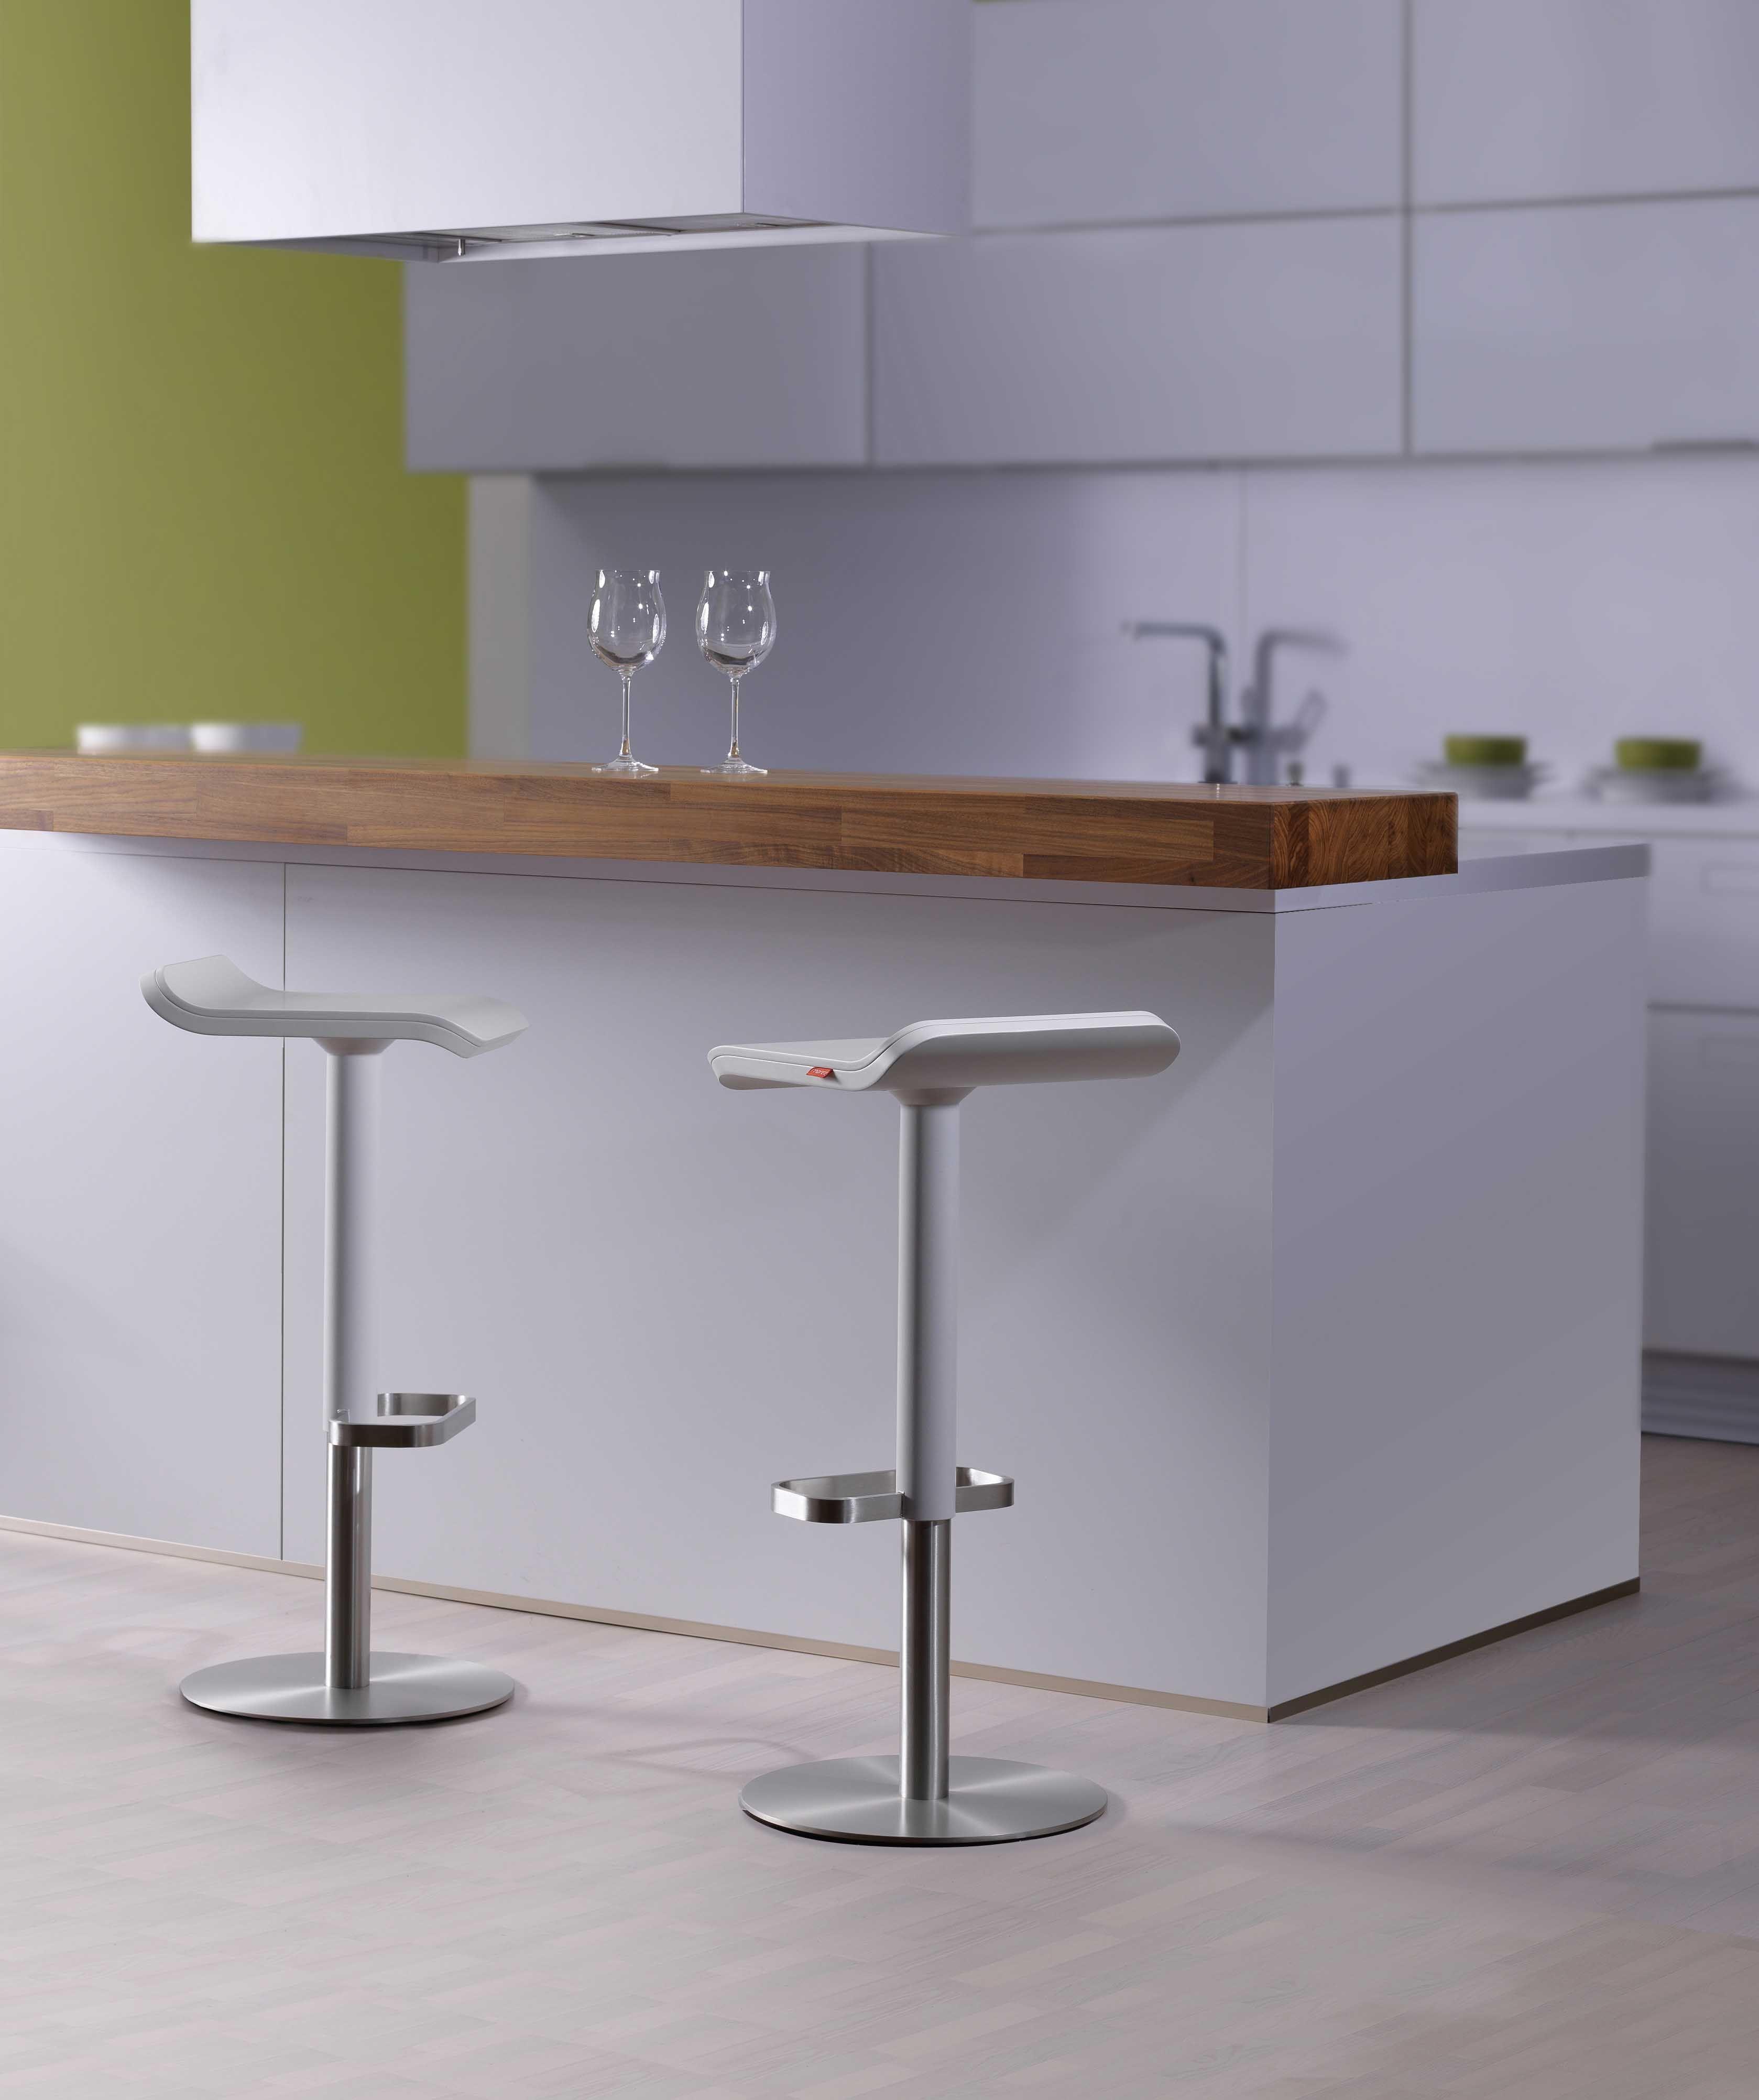 Barstuhl Weiss Serie Ed Von Moree Design Und Funktionalität Barhocker Küche Barhocker Barhocker Design